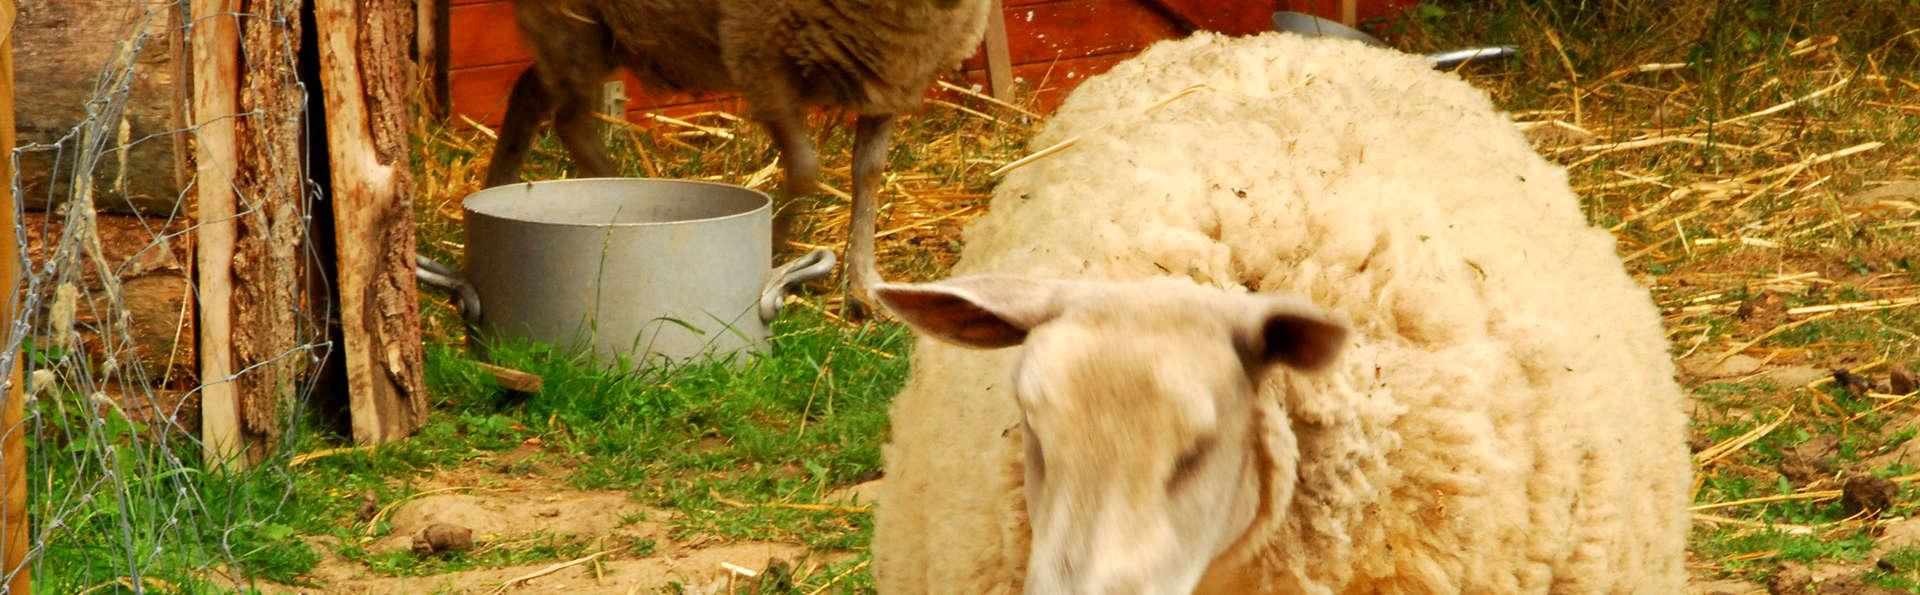 Village Toue du Domaine des Demoiselles - Edit_Animals.jpg